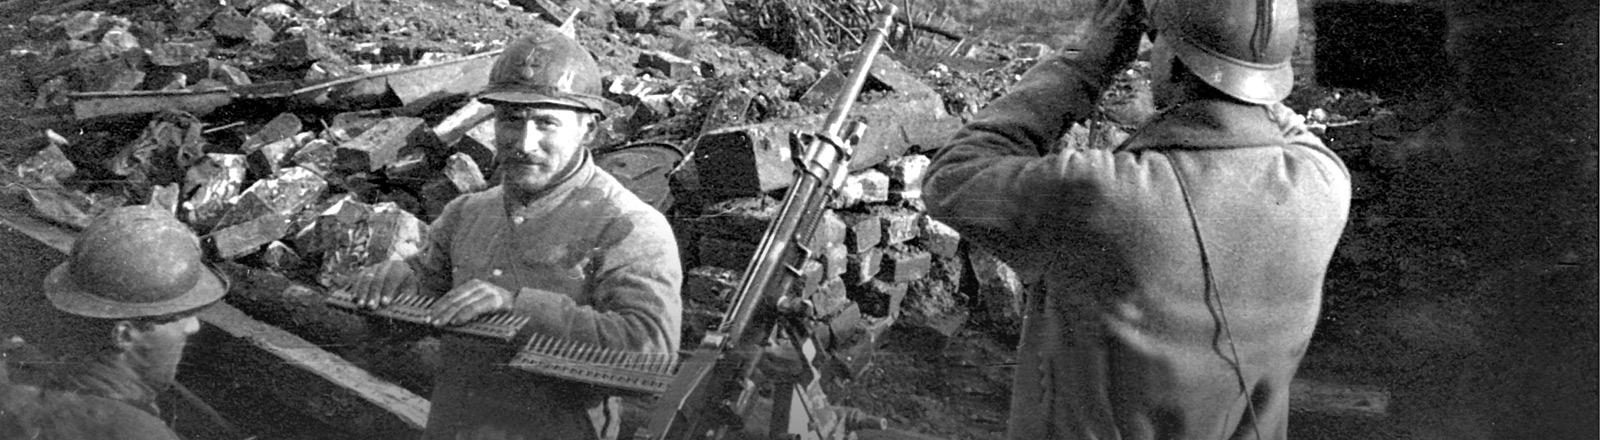 Französische Soldaten im ersten Weltkrieg